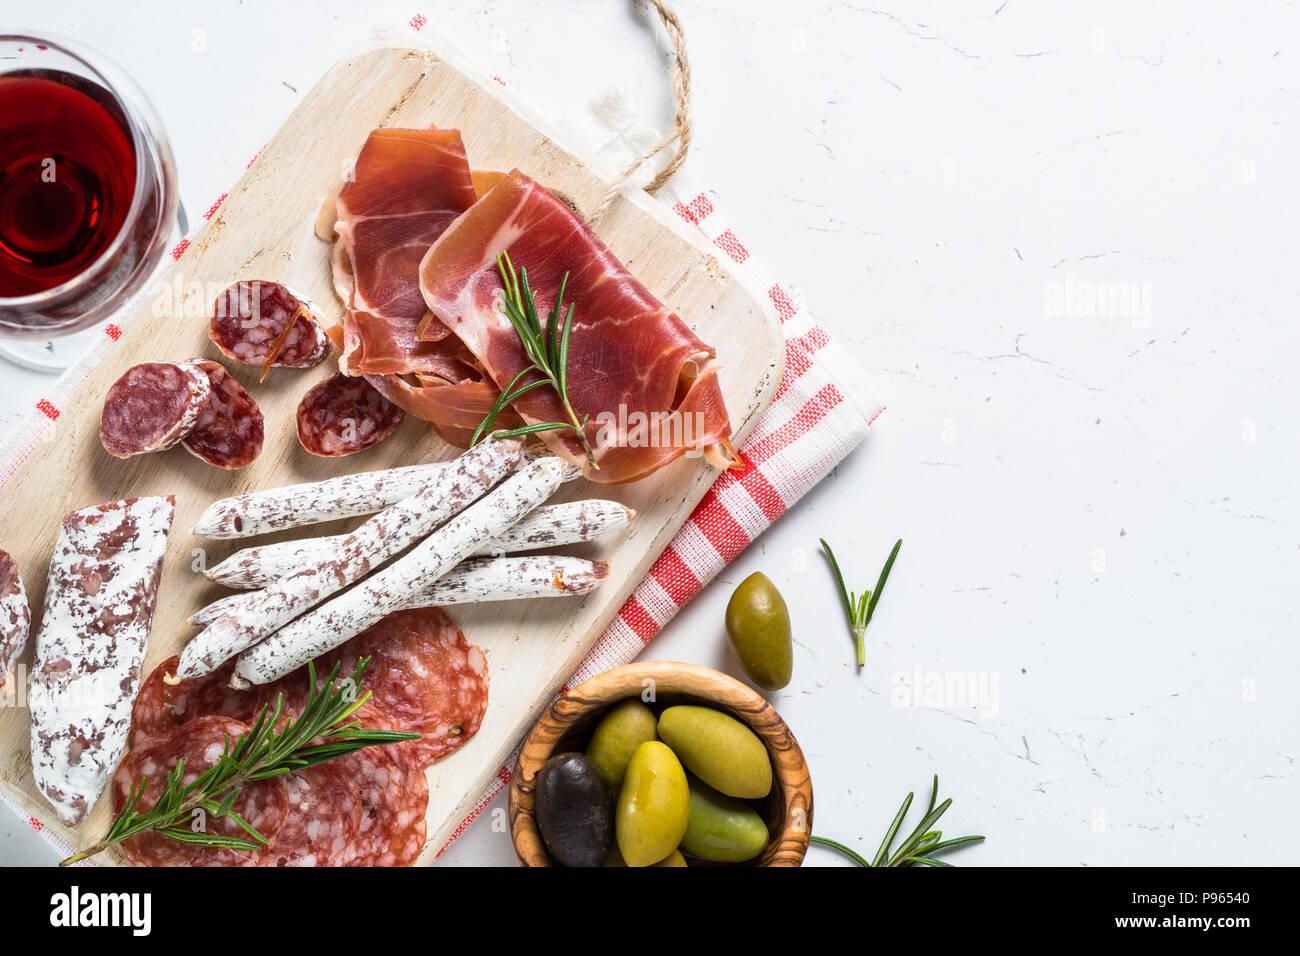 Traditionelle italienische Antipasti, in Scheiben geschnittene Fleisch mit Wein und Oliven auf weißen Tisch gesetzt. Ansicht von oben, kopieren. Stockbild